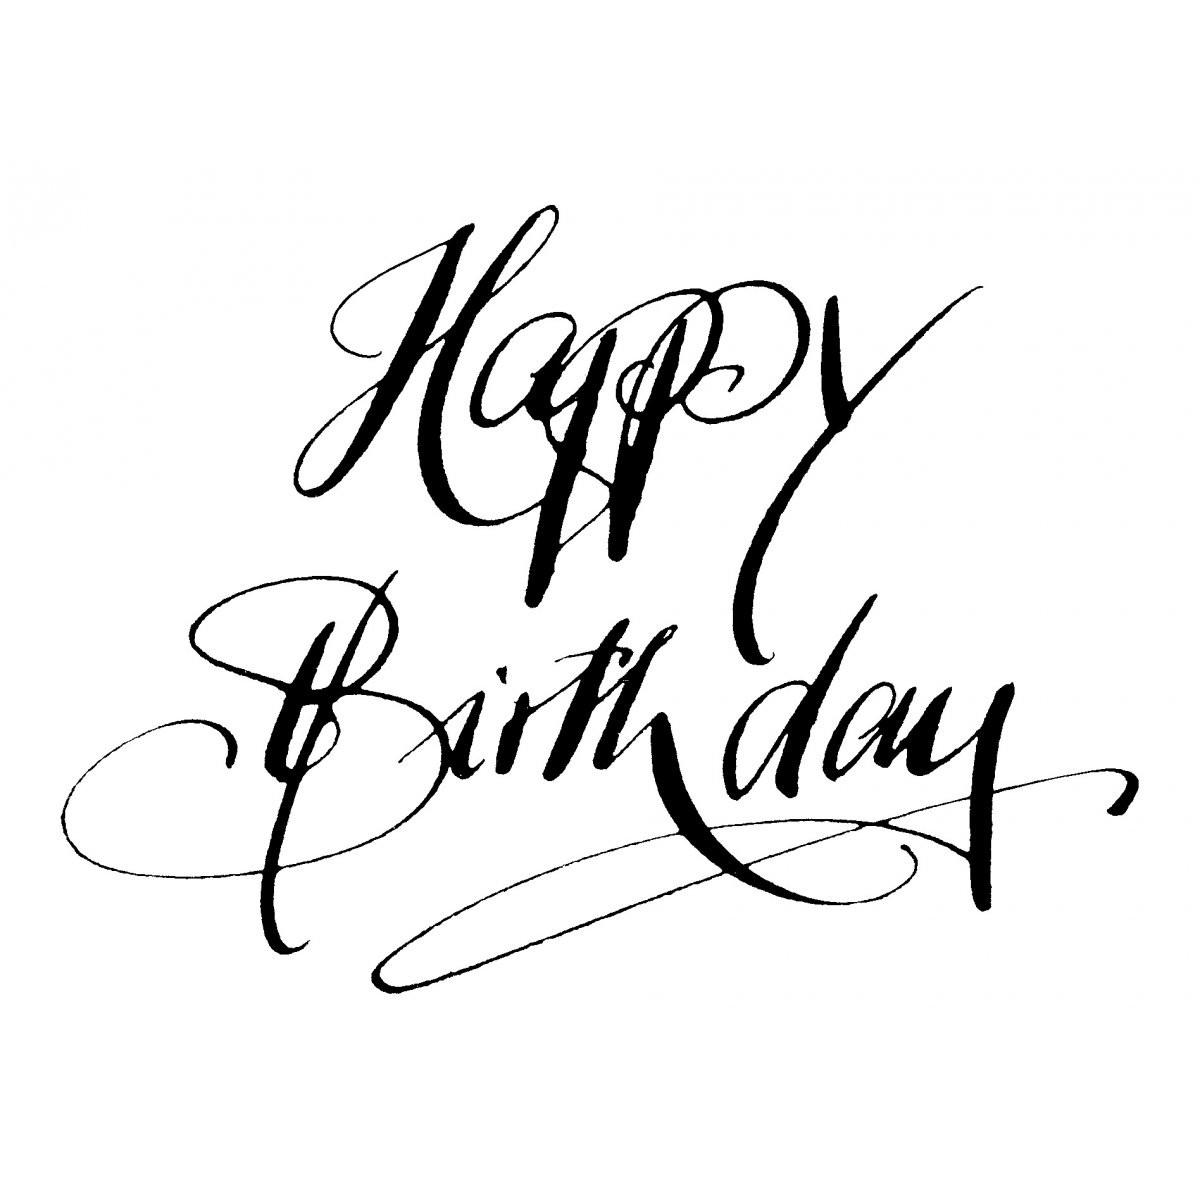 Happy Birthday Zum Ausdrucken Genial Happy Birthday Zum Ausdrucken Kostenlos — Hylenddawards Fotografieren